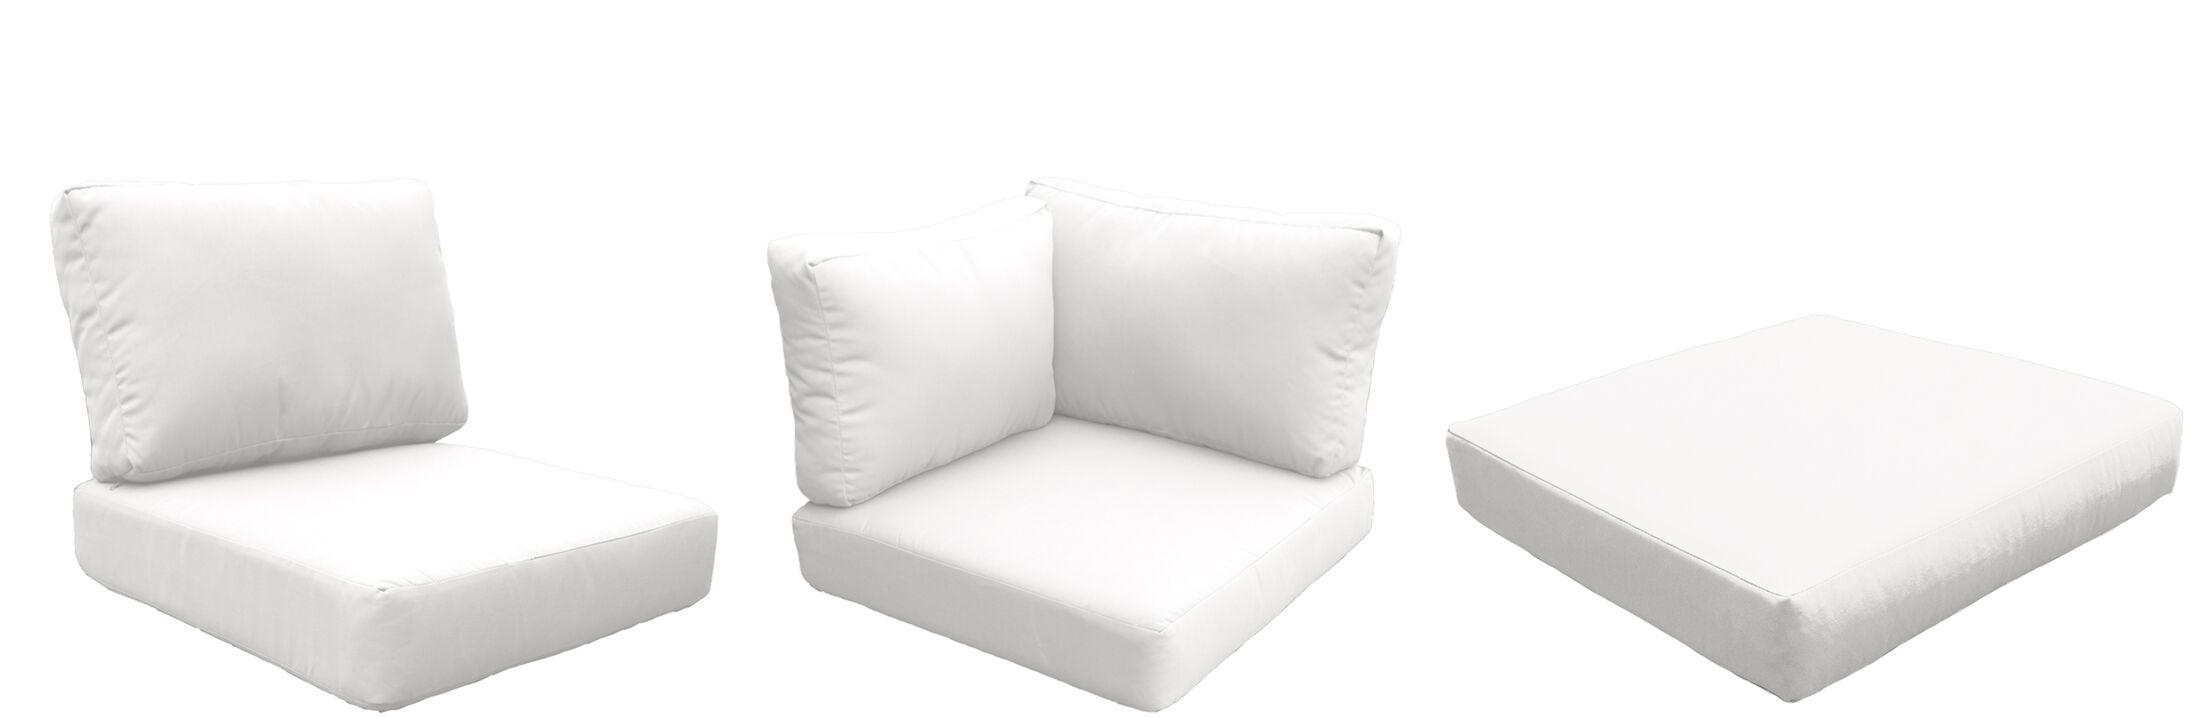 Miami 12 Piece Outdoor Cushion Set Fabric: White